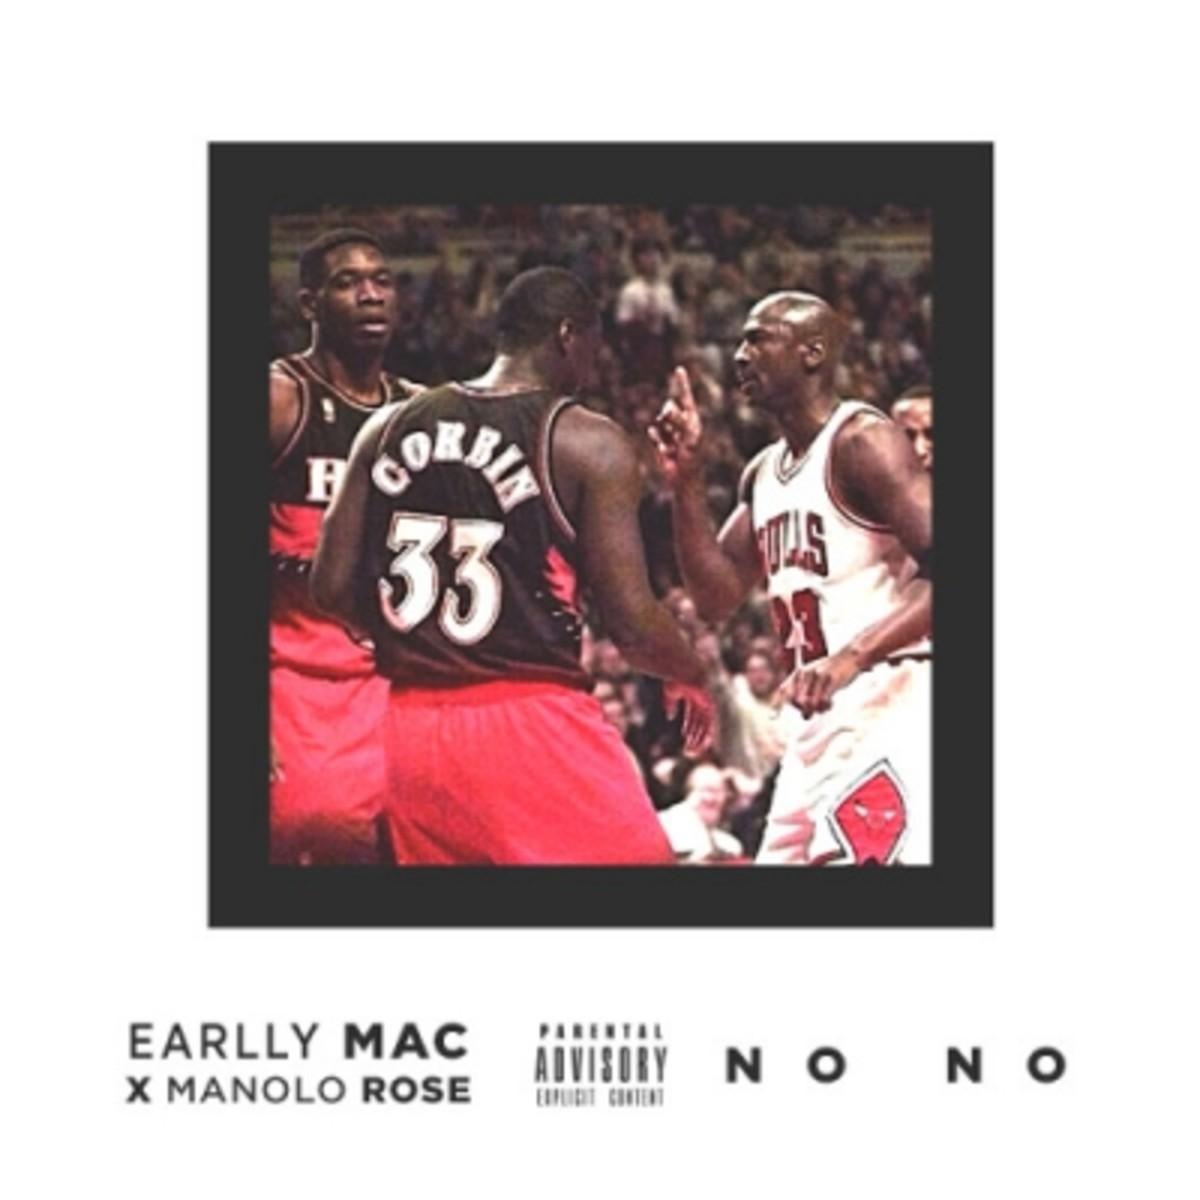 earlly-mac-no-no.jpg